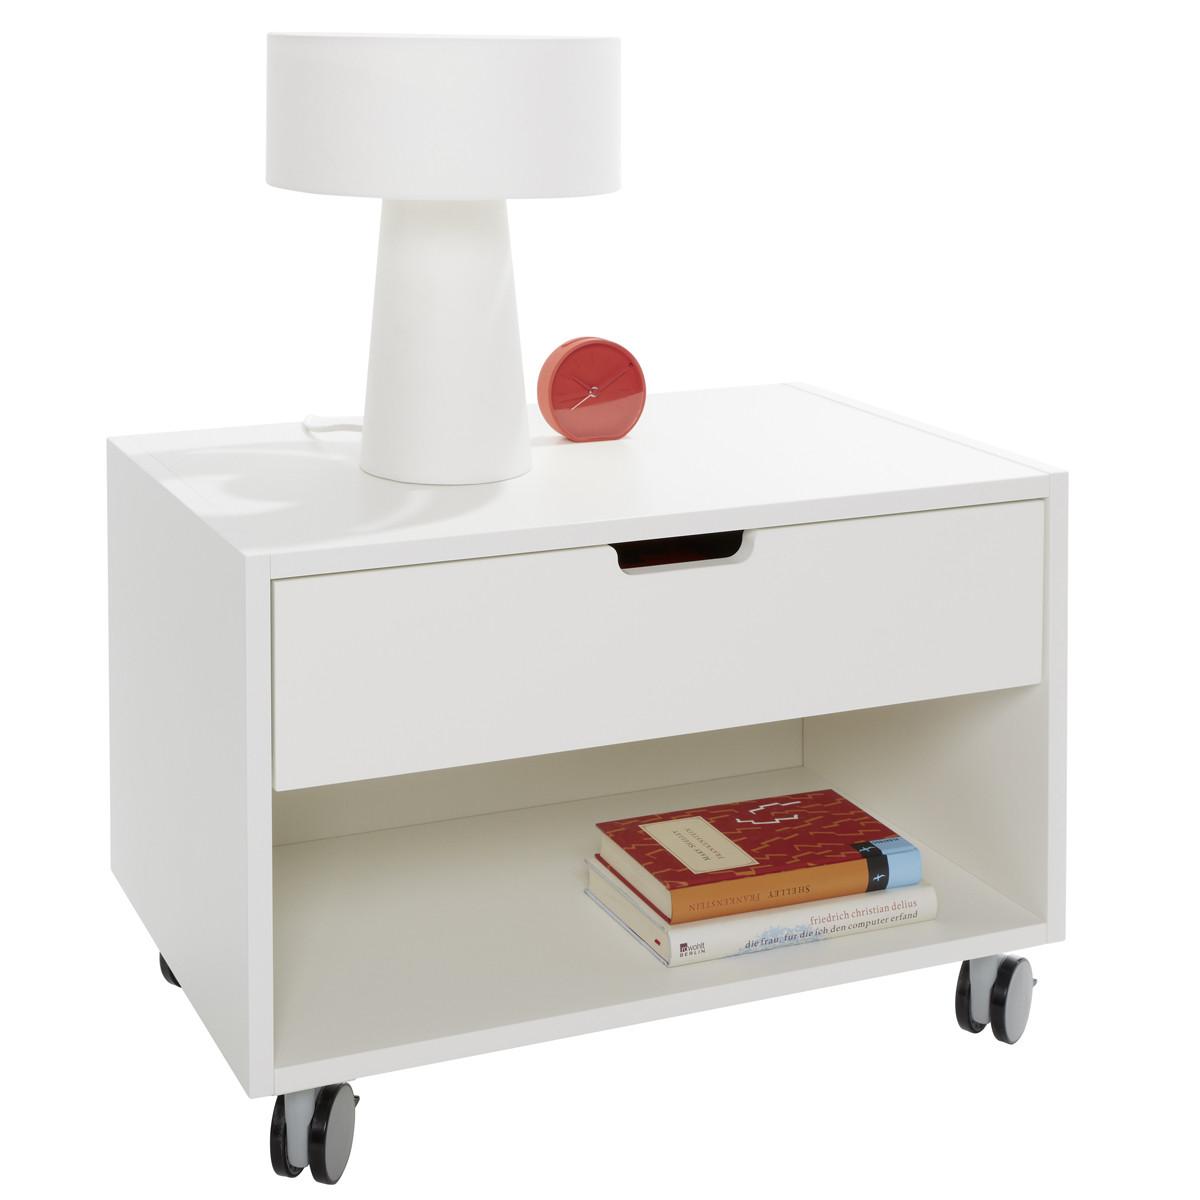 m ller m belwerkst tten modular nachttisch casa de. Black Bedroom Furniture Sets. Home Design Ideas